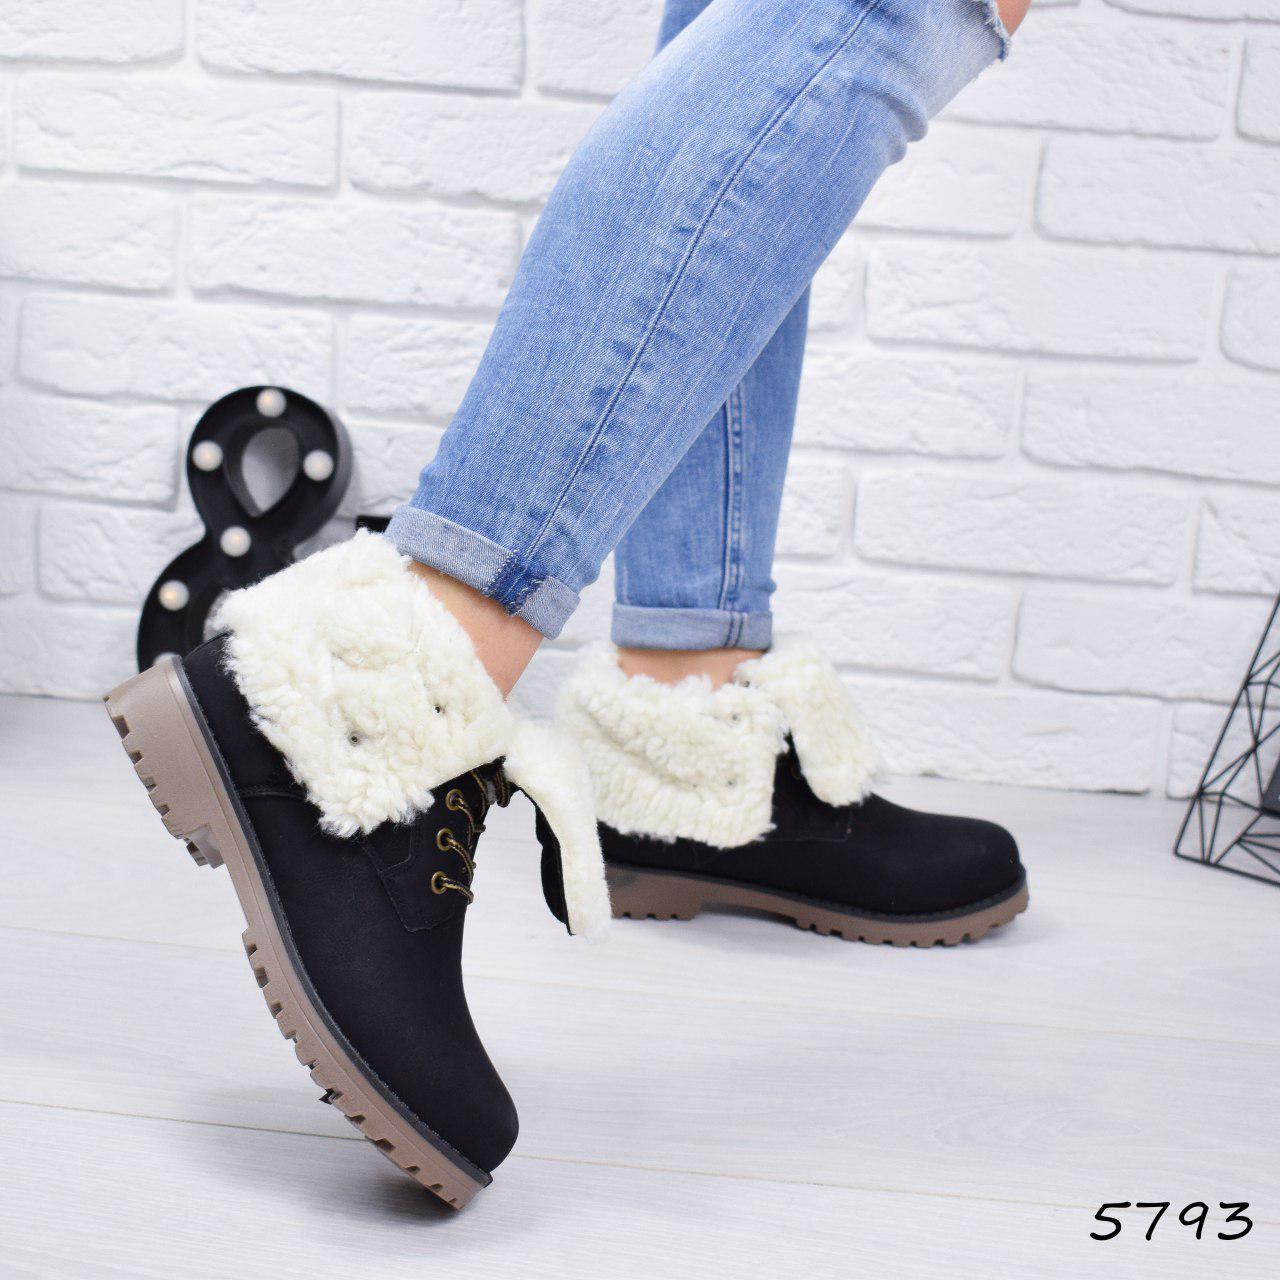 """Ботинки, ботильоны черные ЗИМА """"Tanya"""" эко нубук, повседневная, зимняя, теплая, женская обувь"""